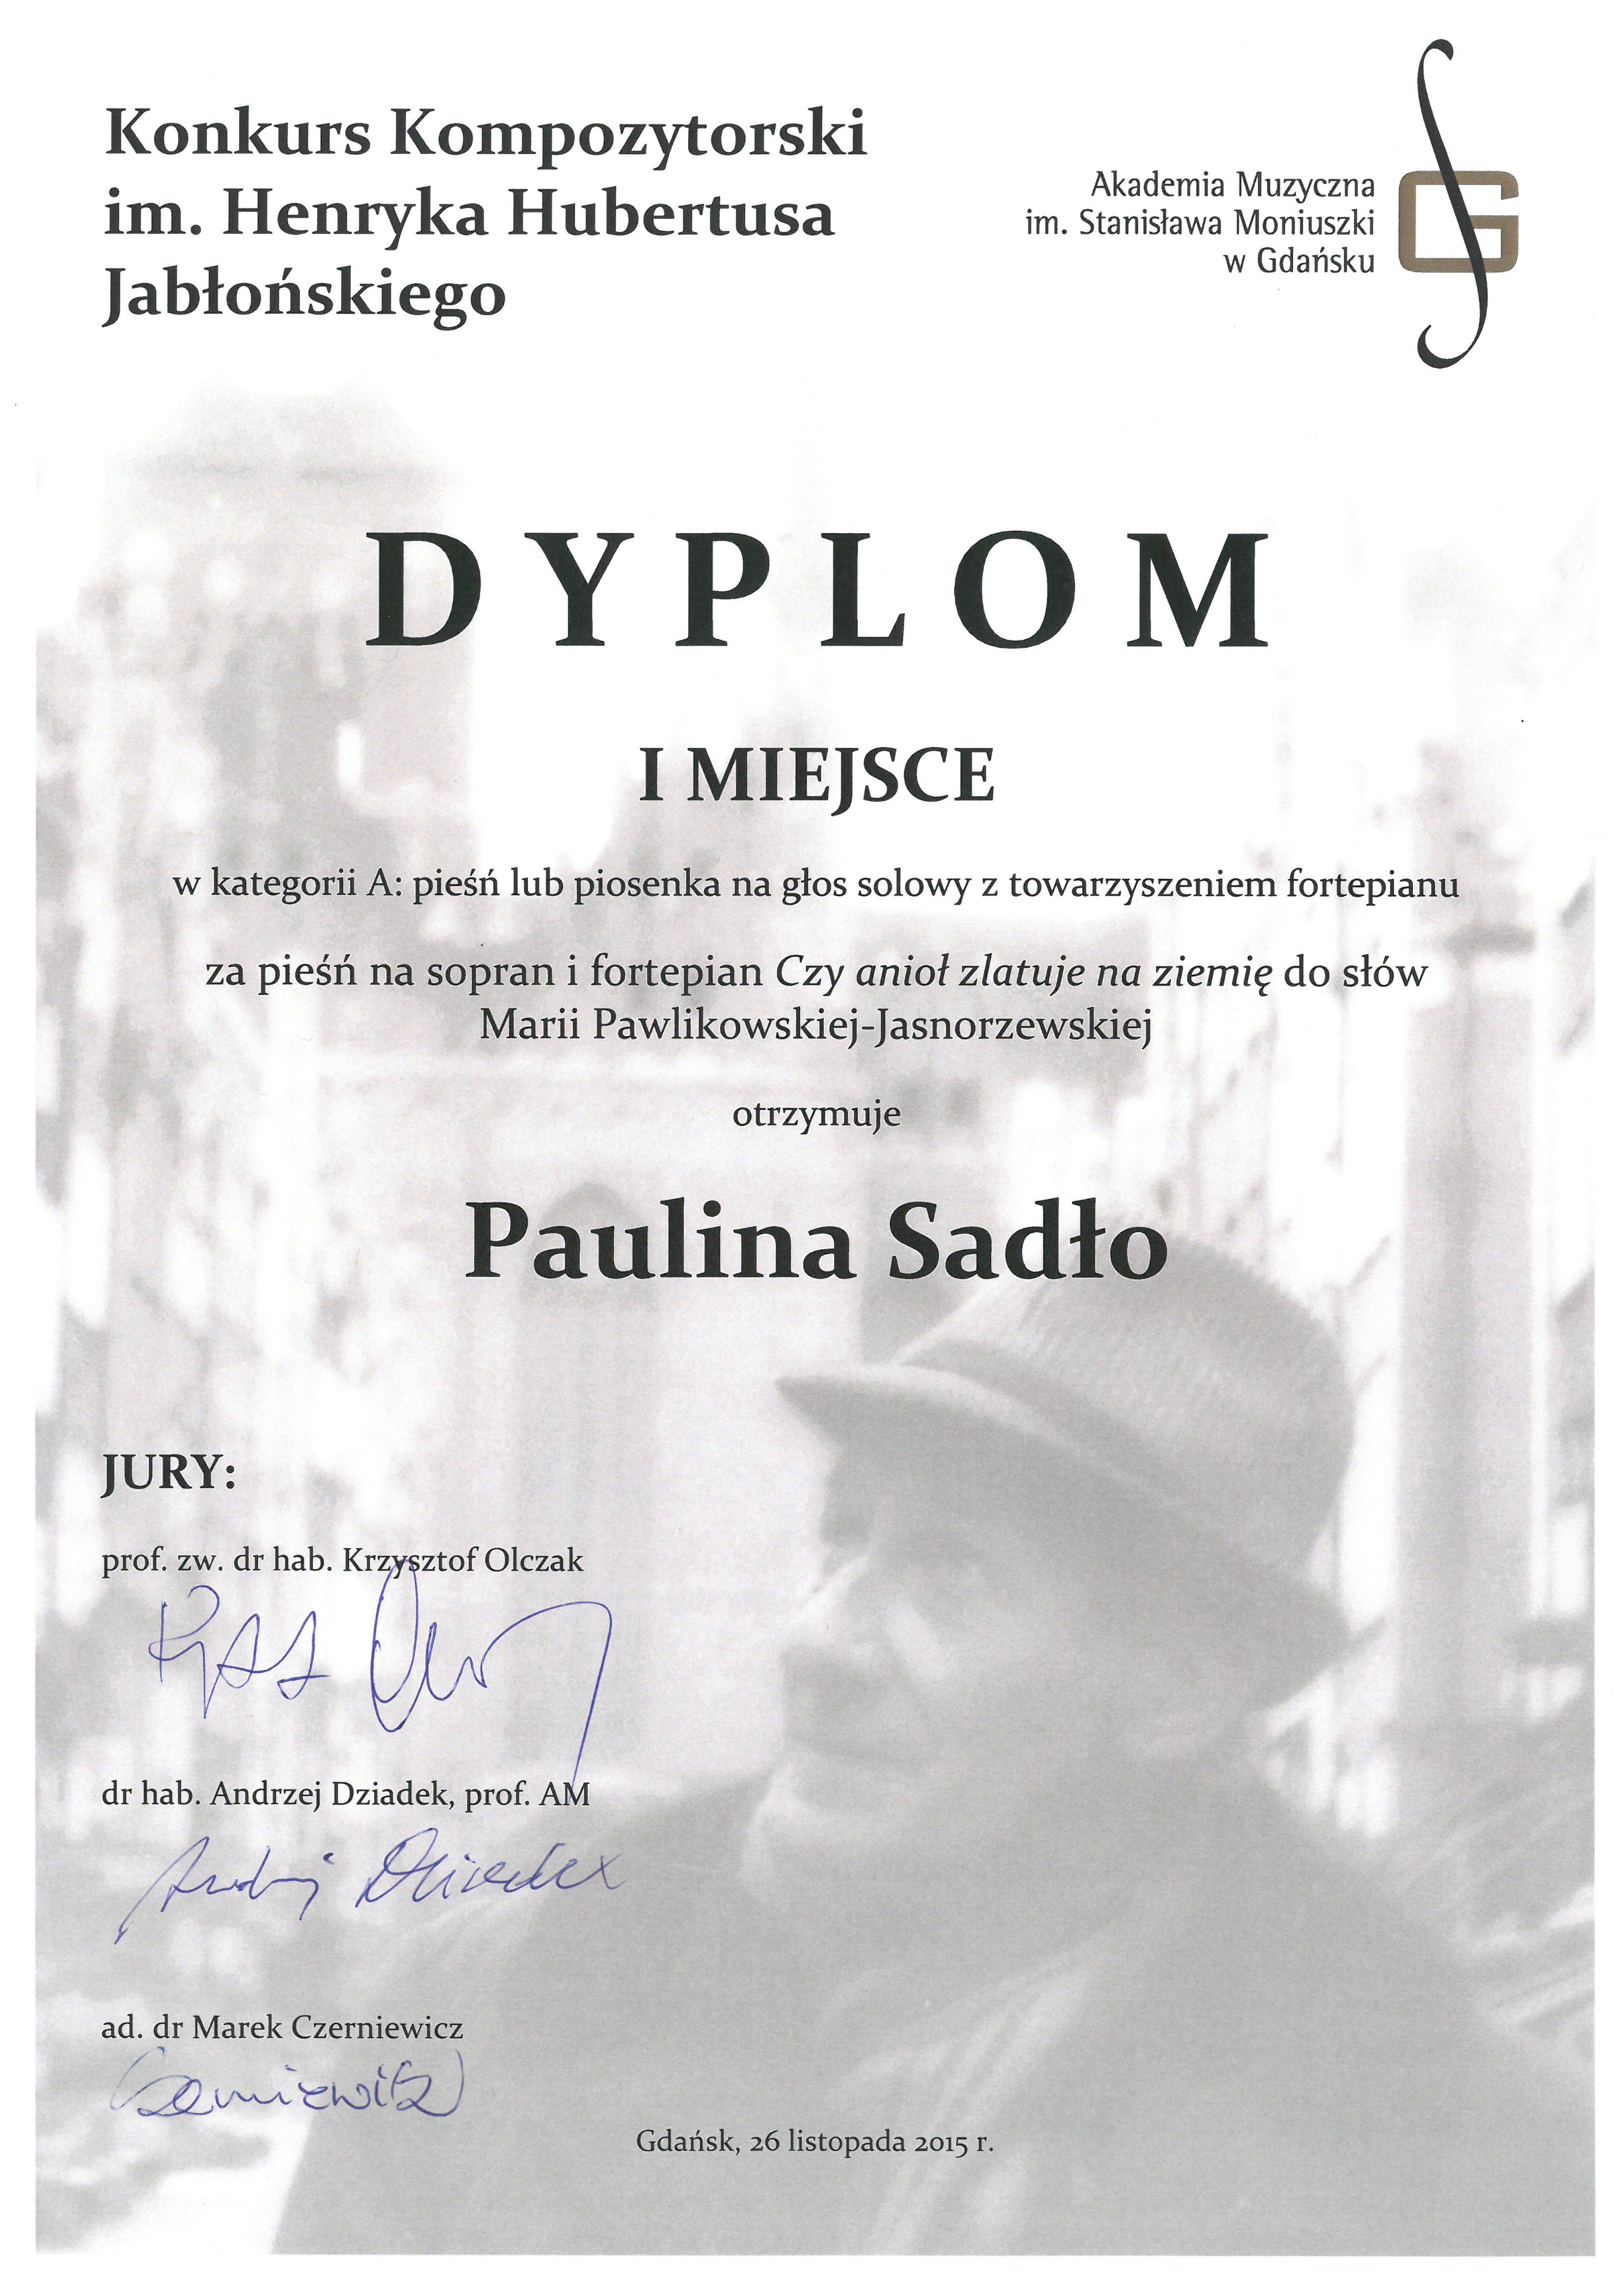 Sadlo_Paulina_dyplom_I_miejsce_KK_HHJ